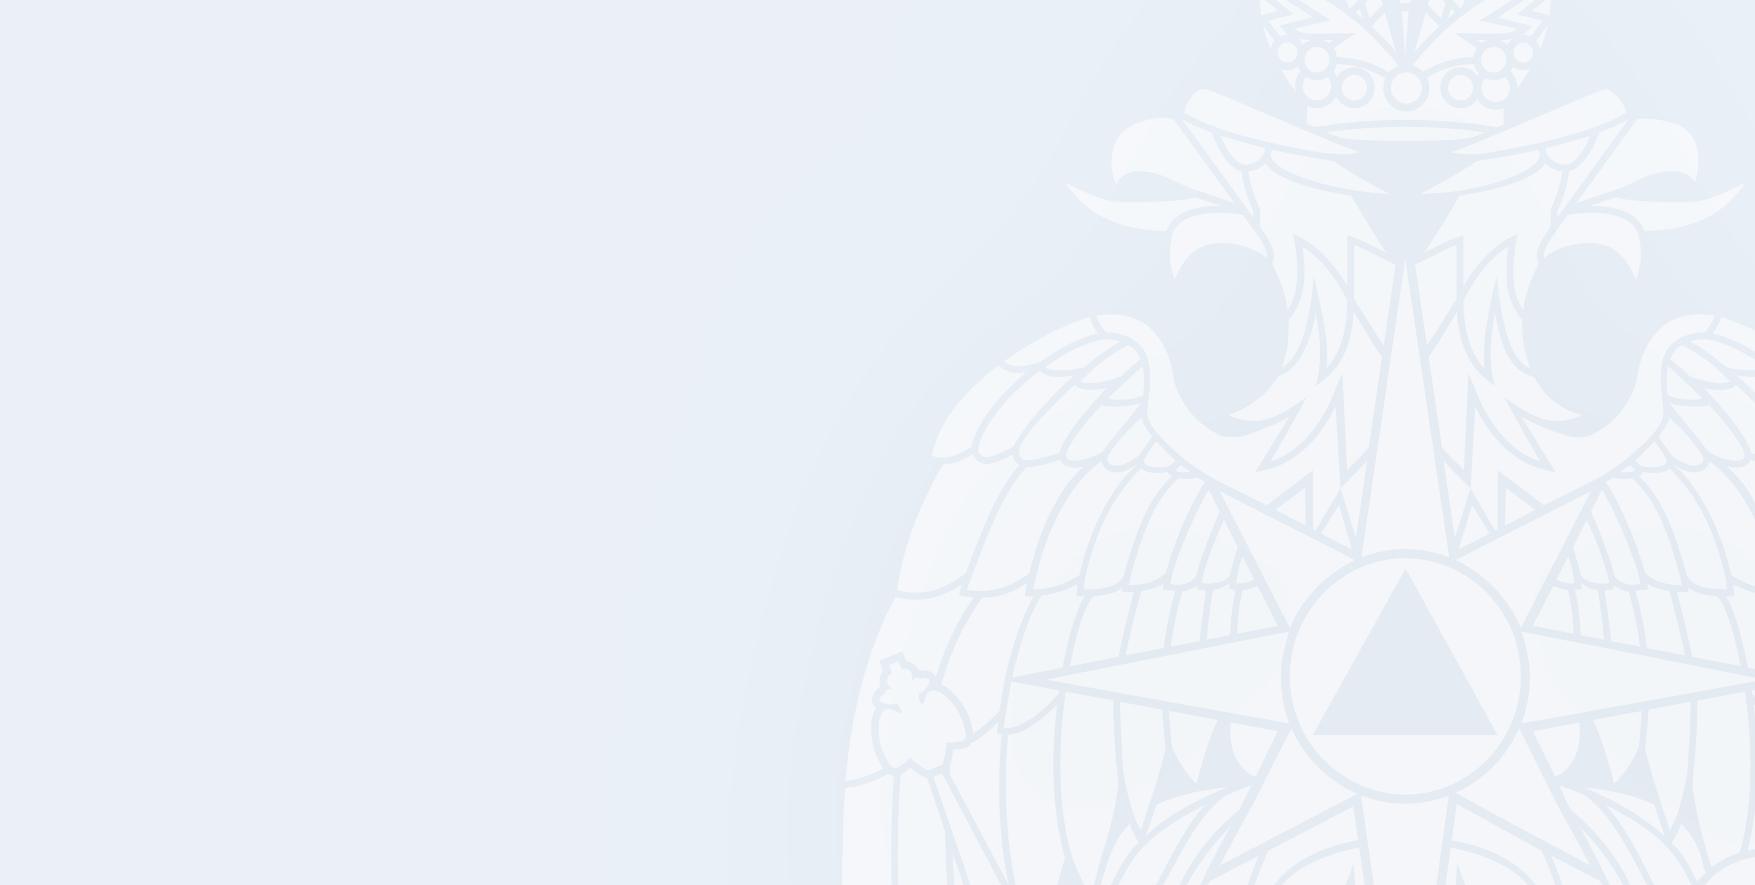 Спасатели Ленинградской области приняли участие в ликвидации последствий ДТП в Кировском районе